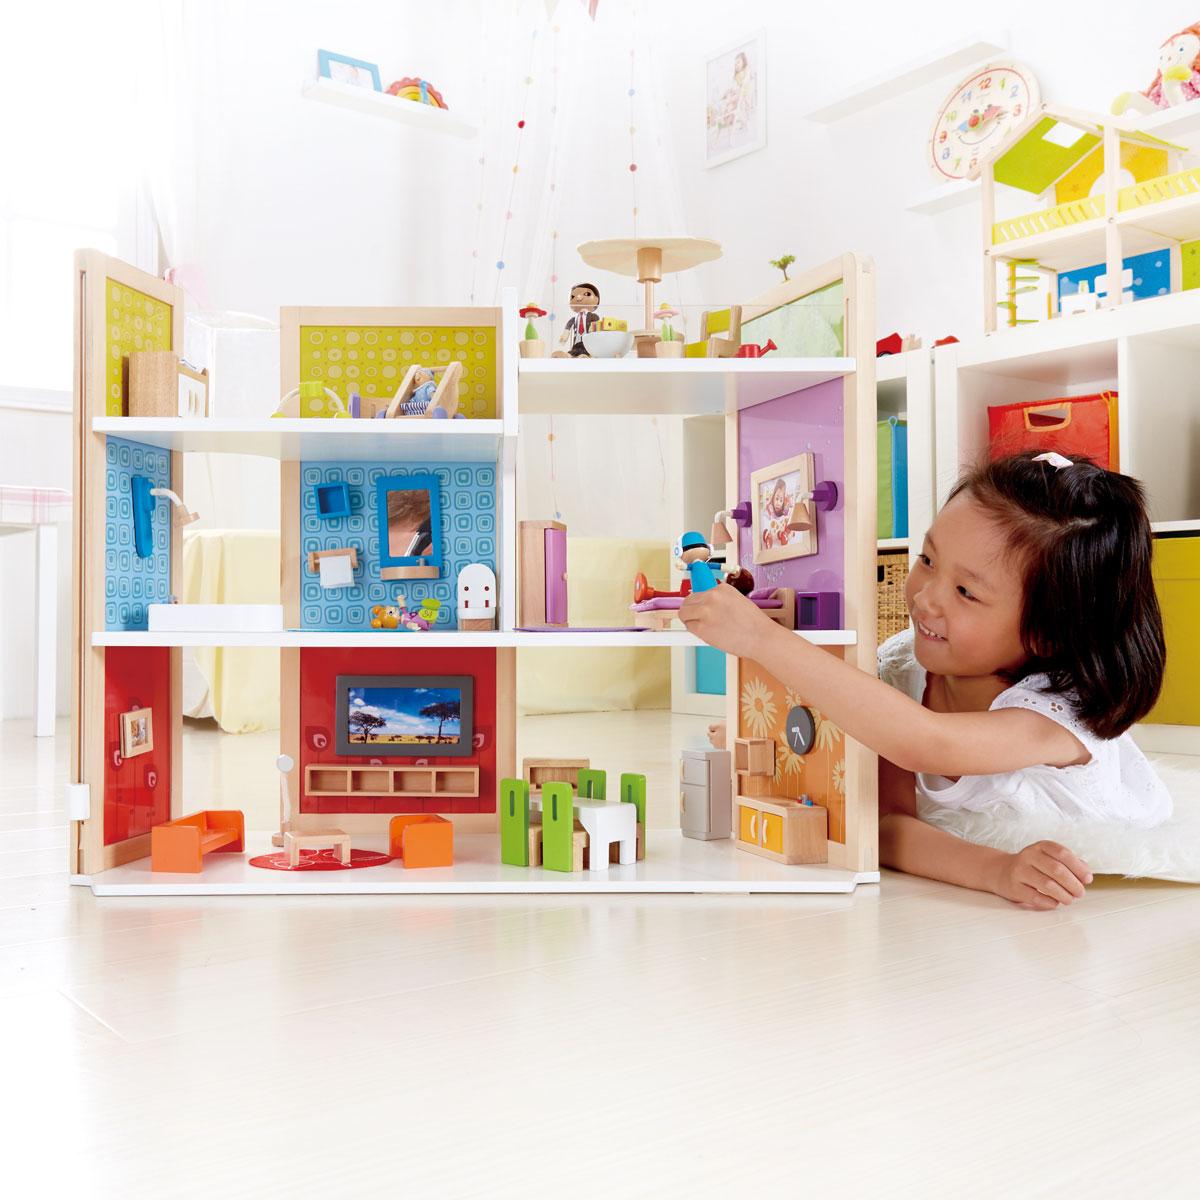 Hape casa dei sogni fai da te e3403 giocattoli di legno for Progetti di casa dei sogni